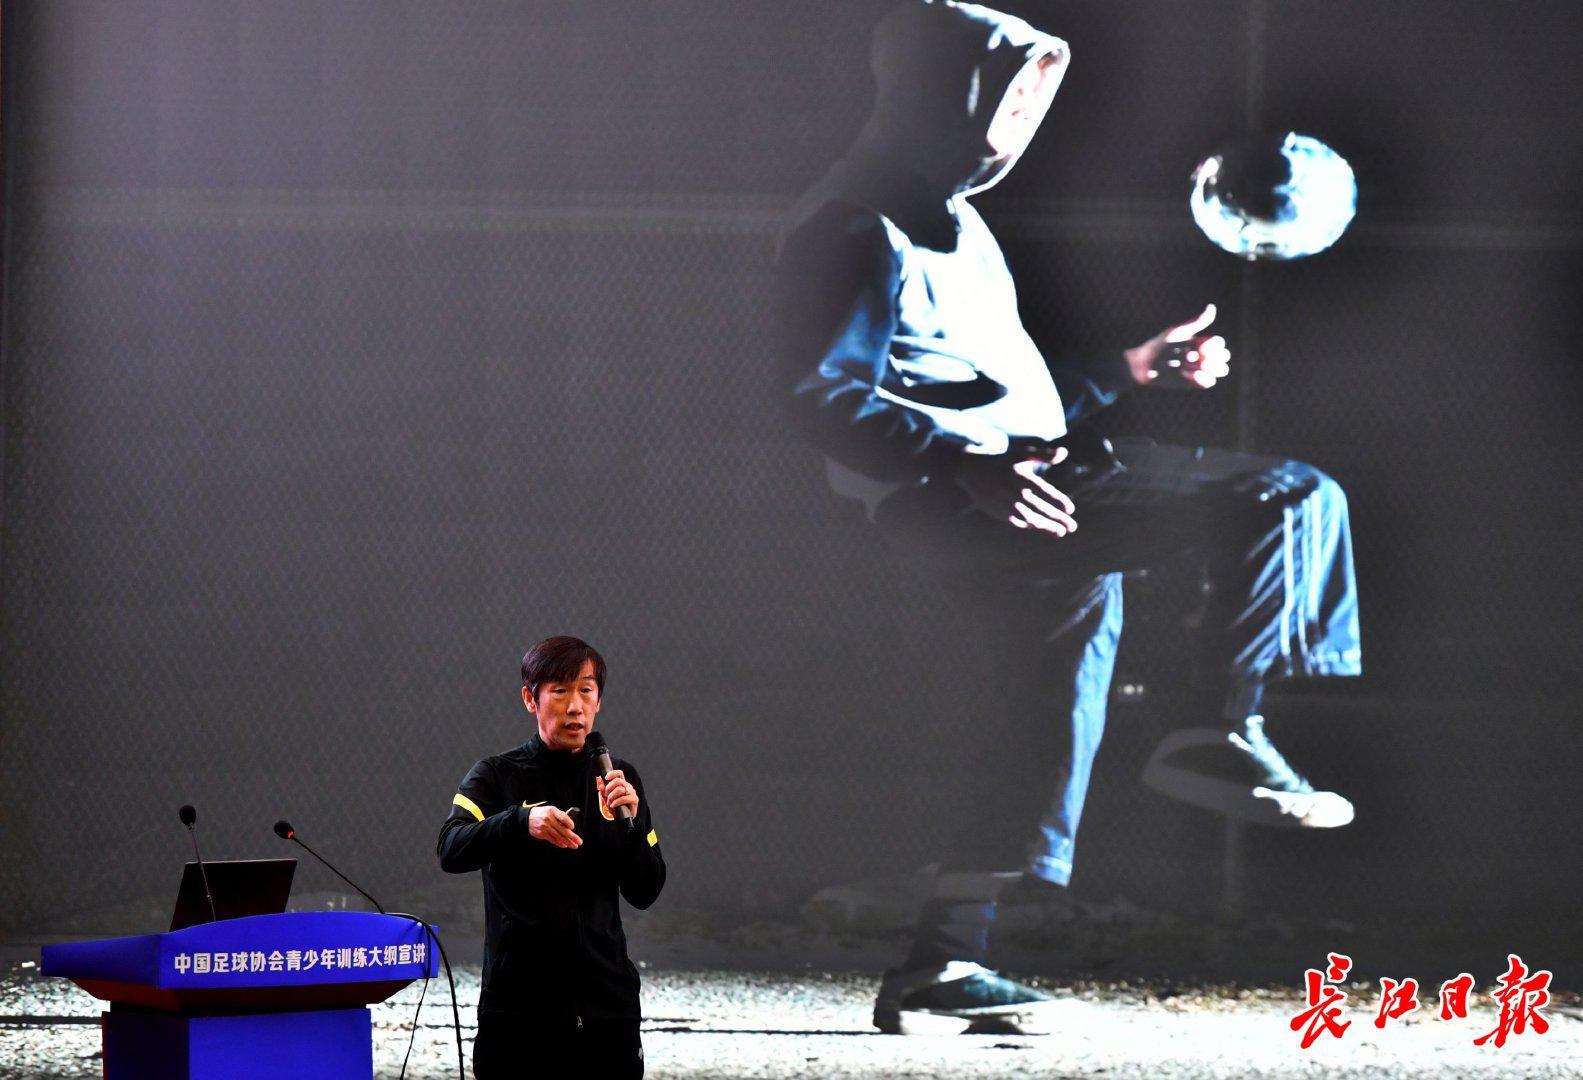 高洪波:中国足球跟国际潮流背离 就会大脚找外援